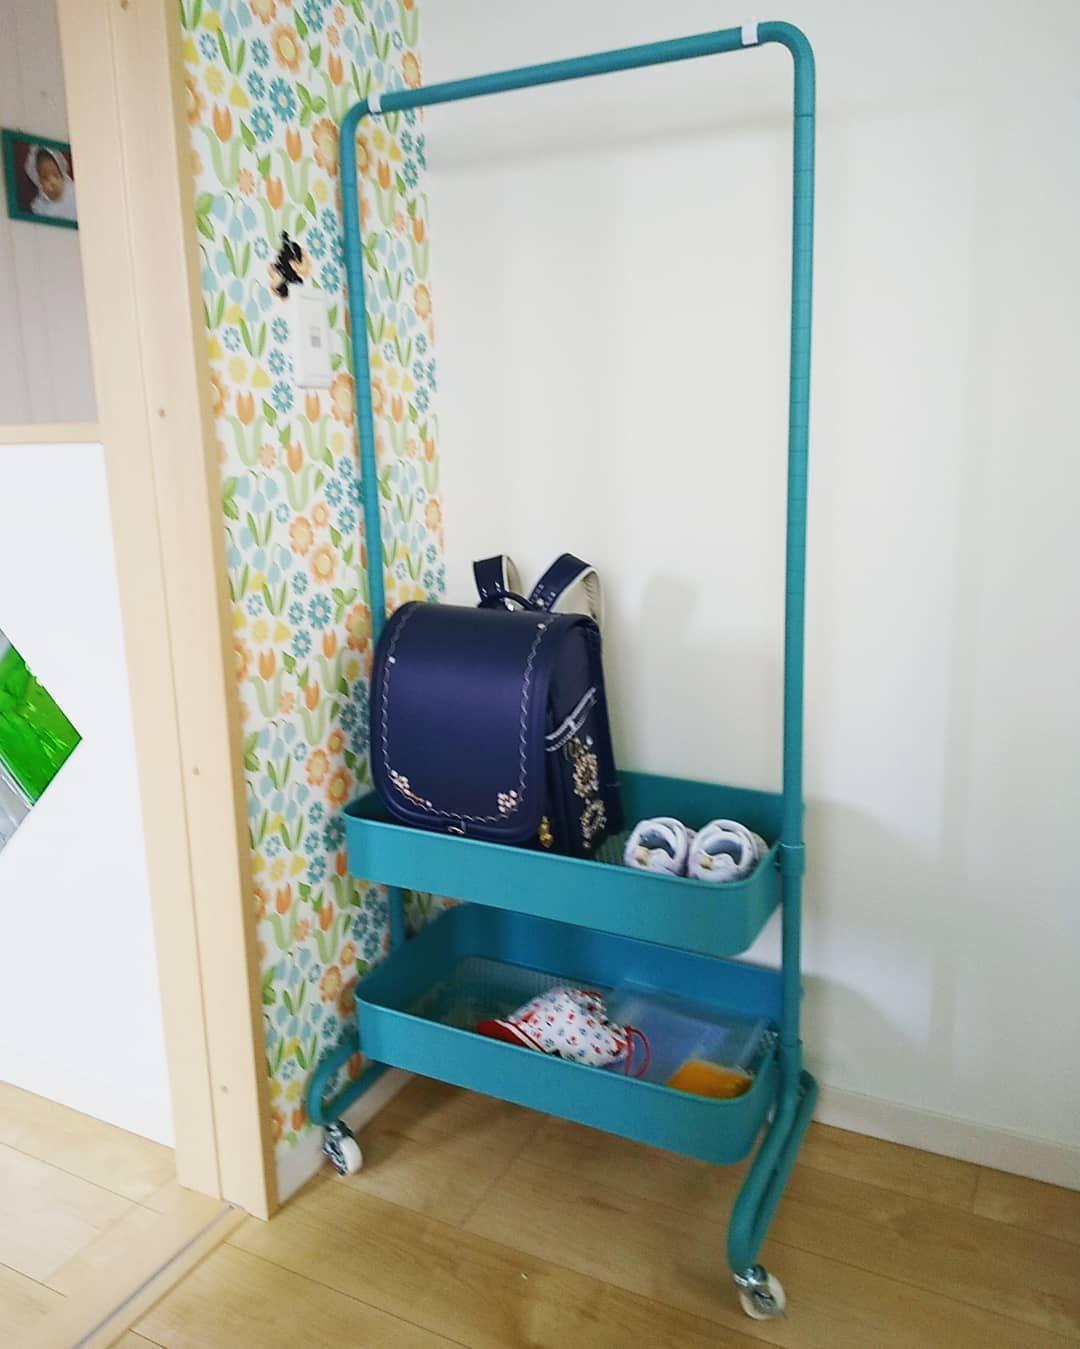 子どもが帰ってきて床にポイッと適当に放置してしまうランドセルに悩んでいる人も多いのでは 床は傷つくし部屋も散らかってしまい 何とかしたい と思っている方もいることでしょう ちょっとした工夫やアイディアで ランドセルを子ども自身で収納できるスペースを